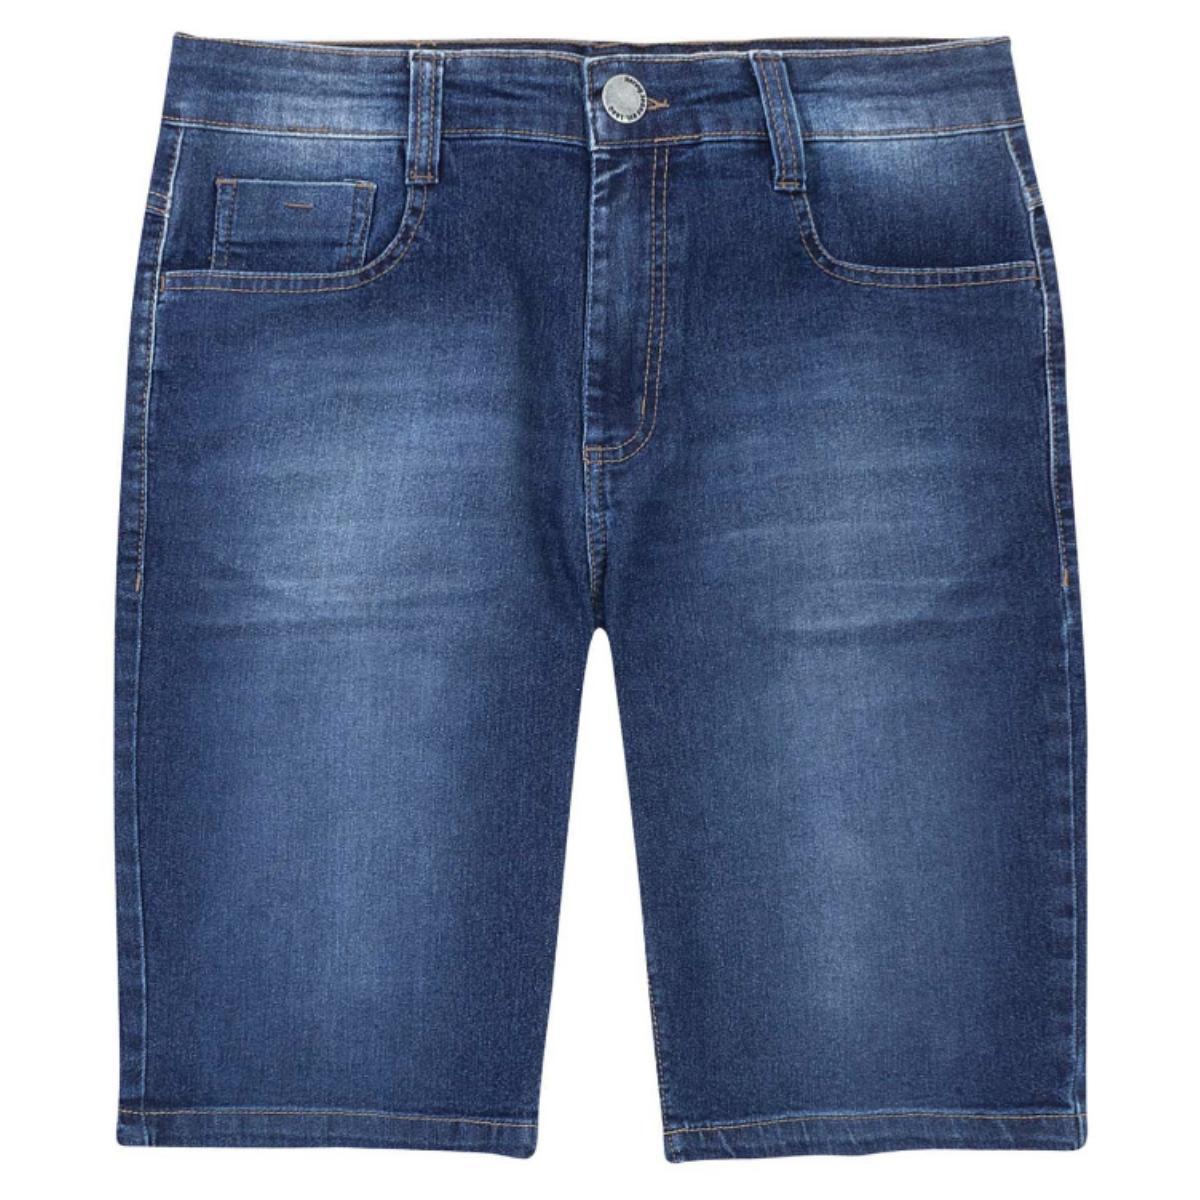 Bermuda Masculina Hering H4a4 Pdlej Jeans